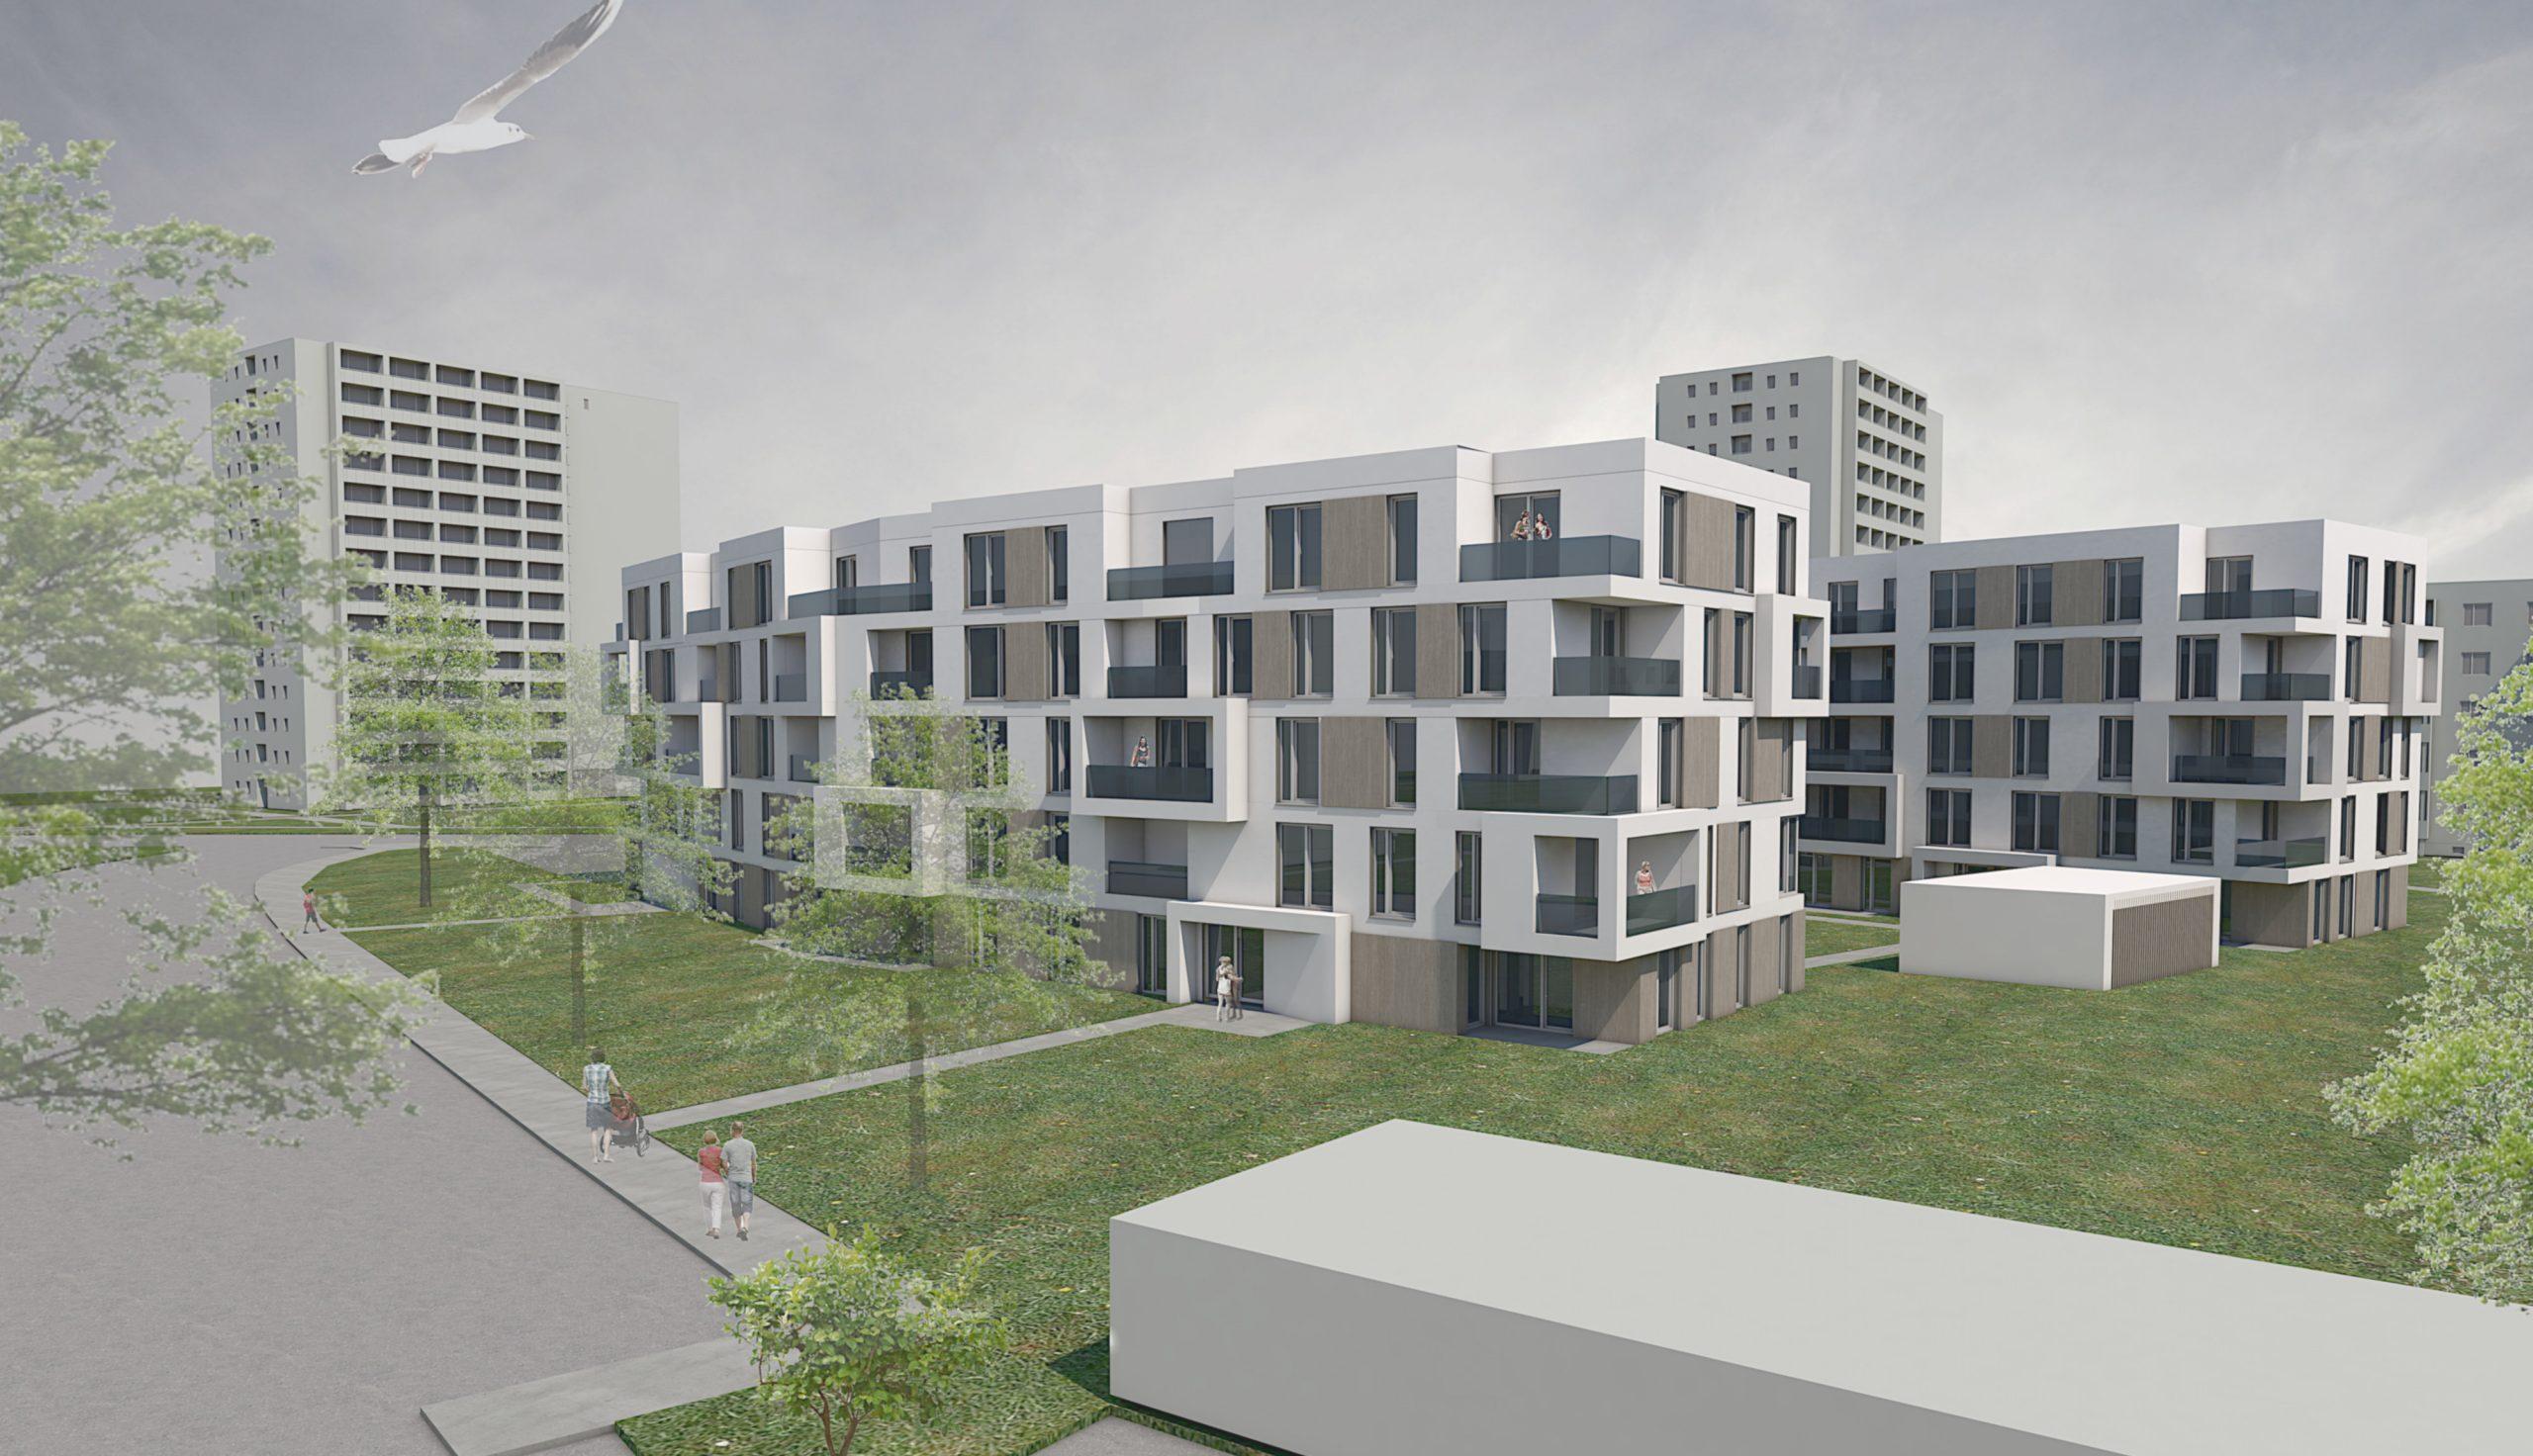 Projektbild 3, Neubau eines Wohnquartiers mit 50 Wohneinheiten   |   Rostock – Südstadt